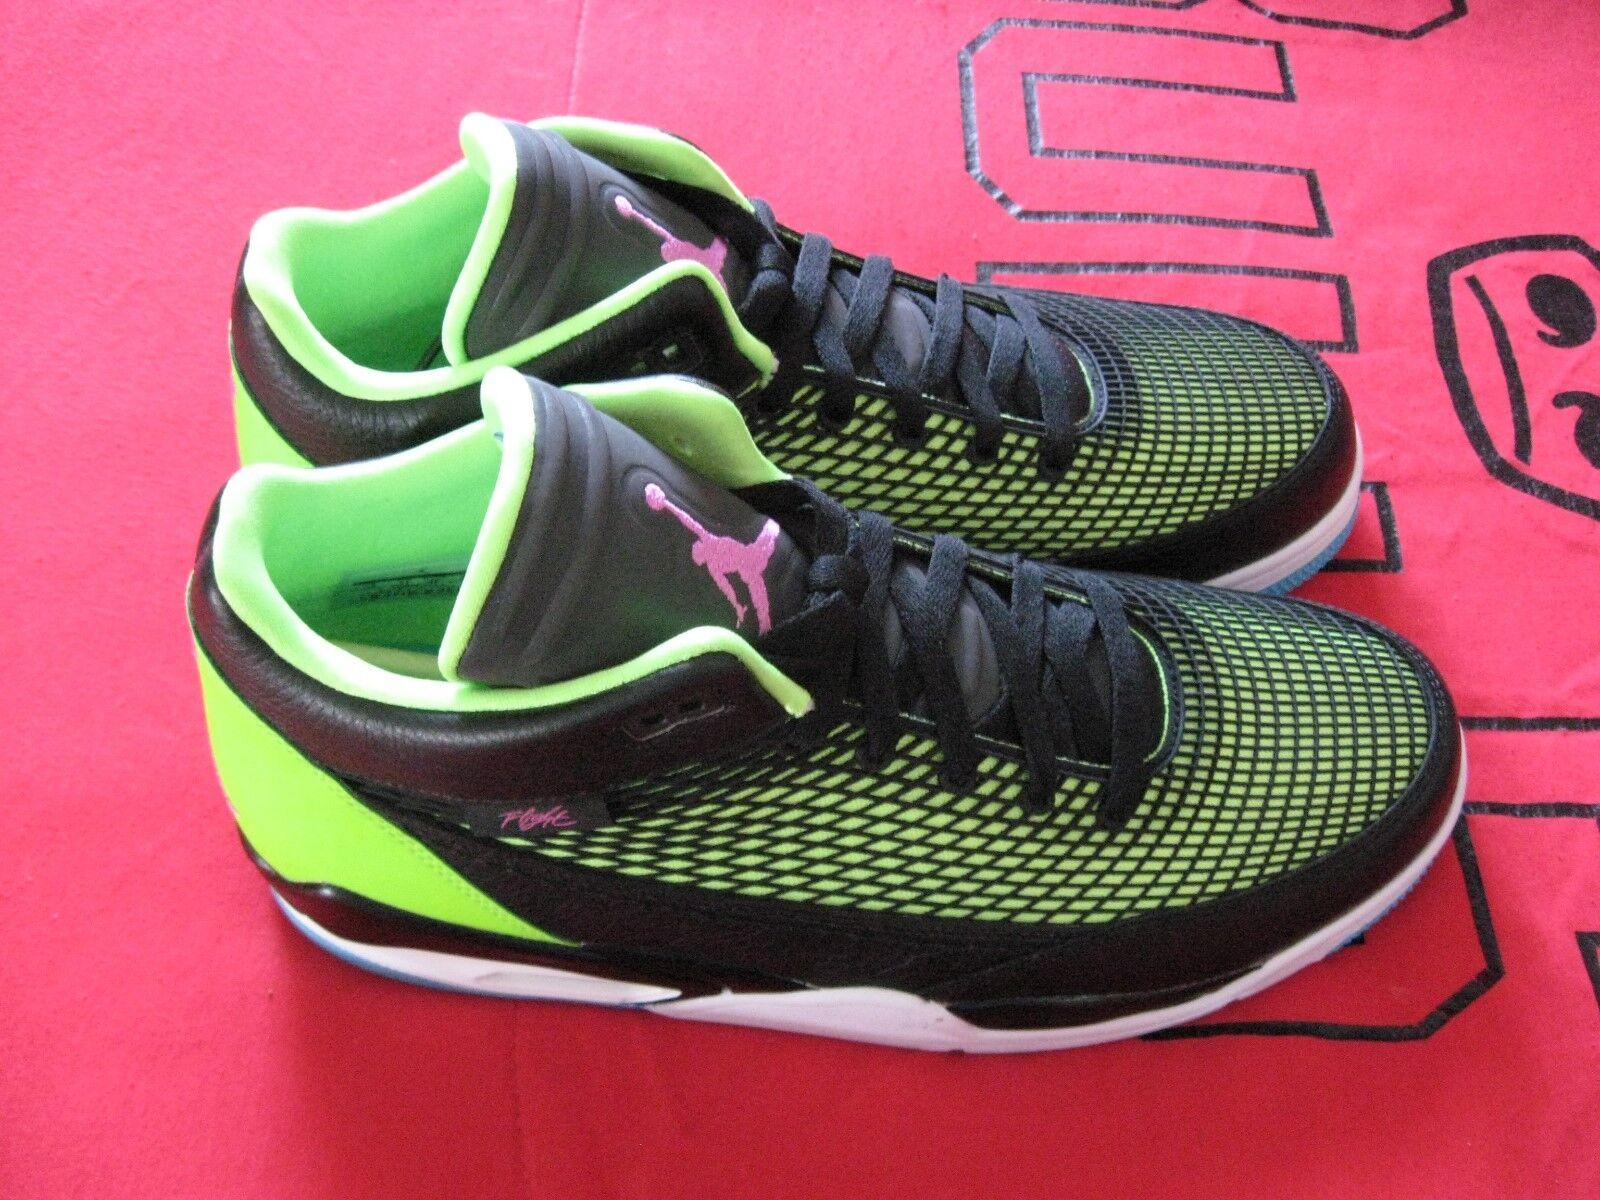 28b48aa6df7d8 Brand New Nike Air Jordan Jordan Jordan Flight Club 80 Black